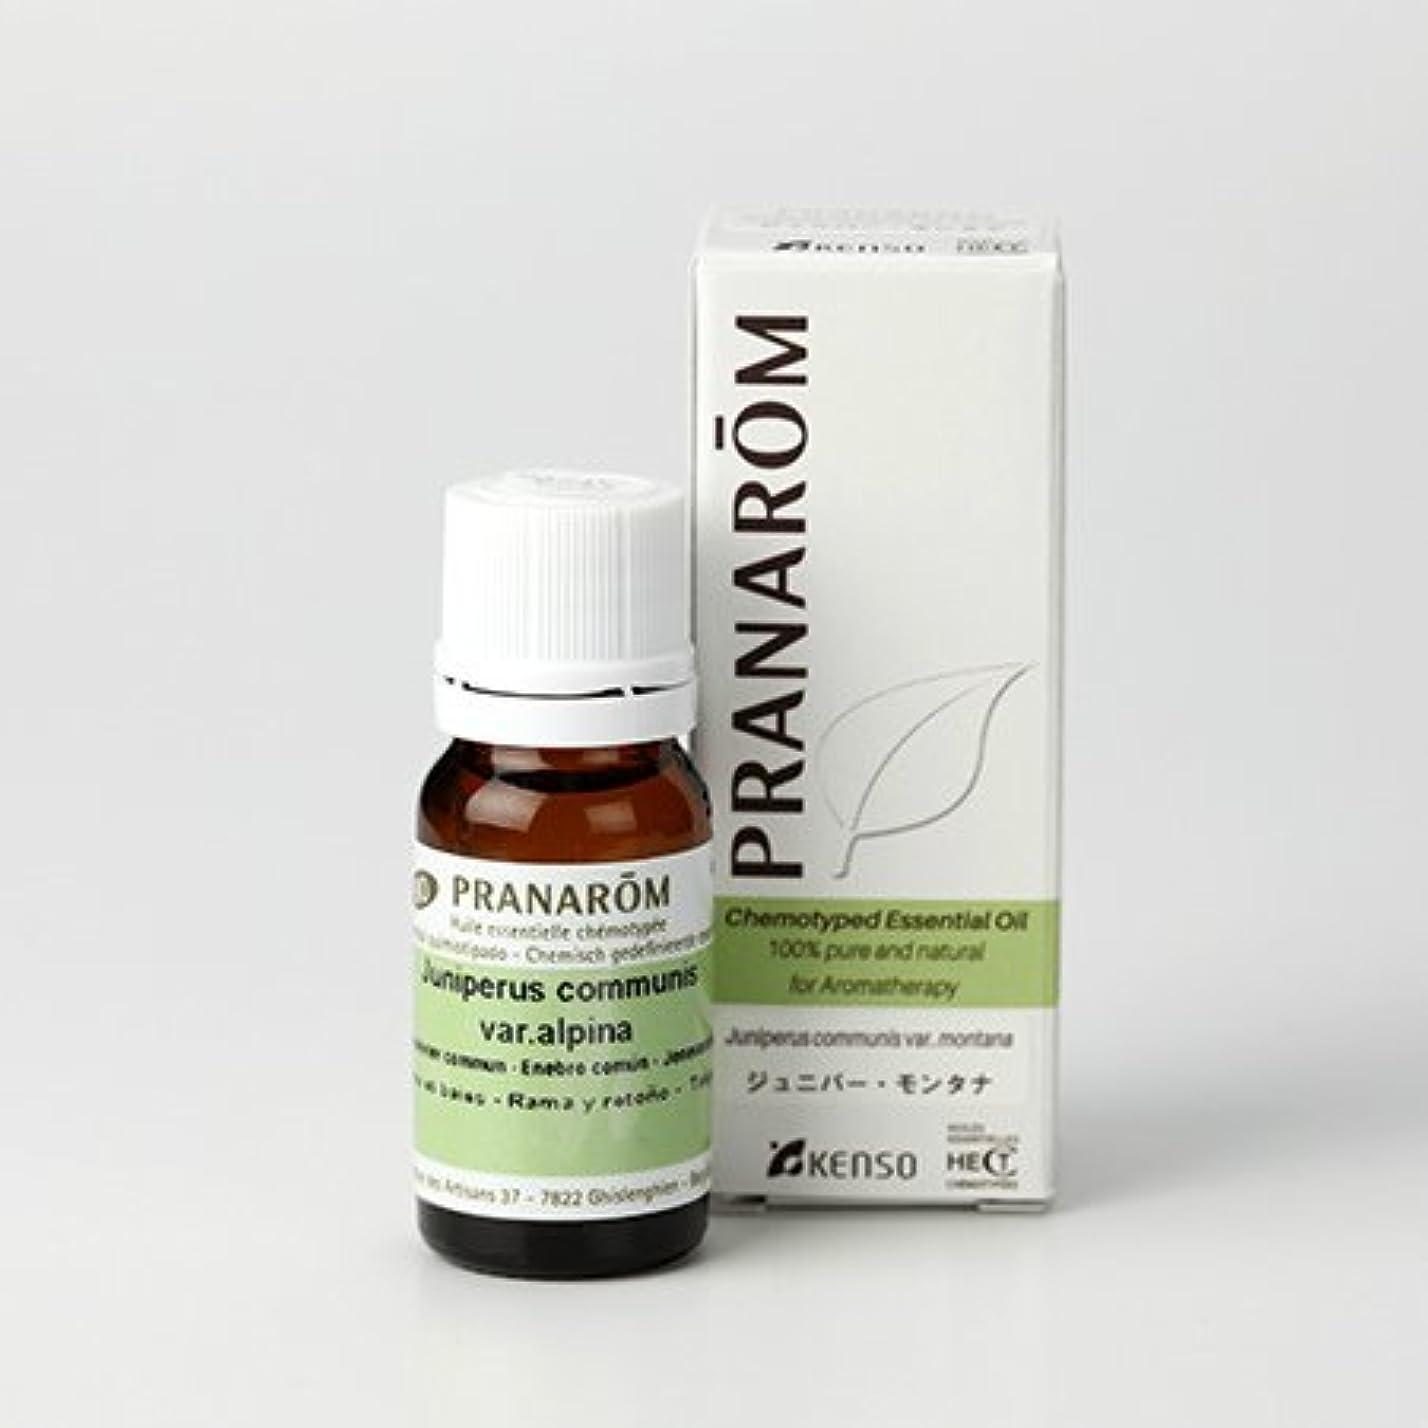 ご飯硬さ代わりのプラナロム ジュニパーモンタナ 10ml (PRANAROM ケモタイプ精油)